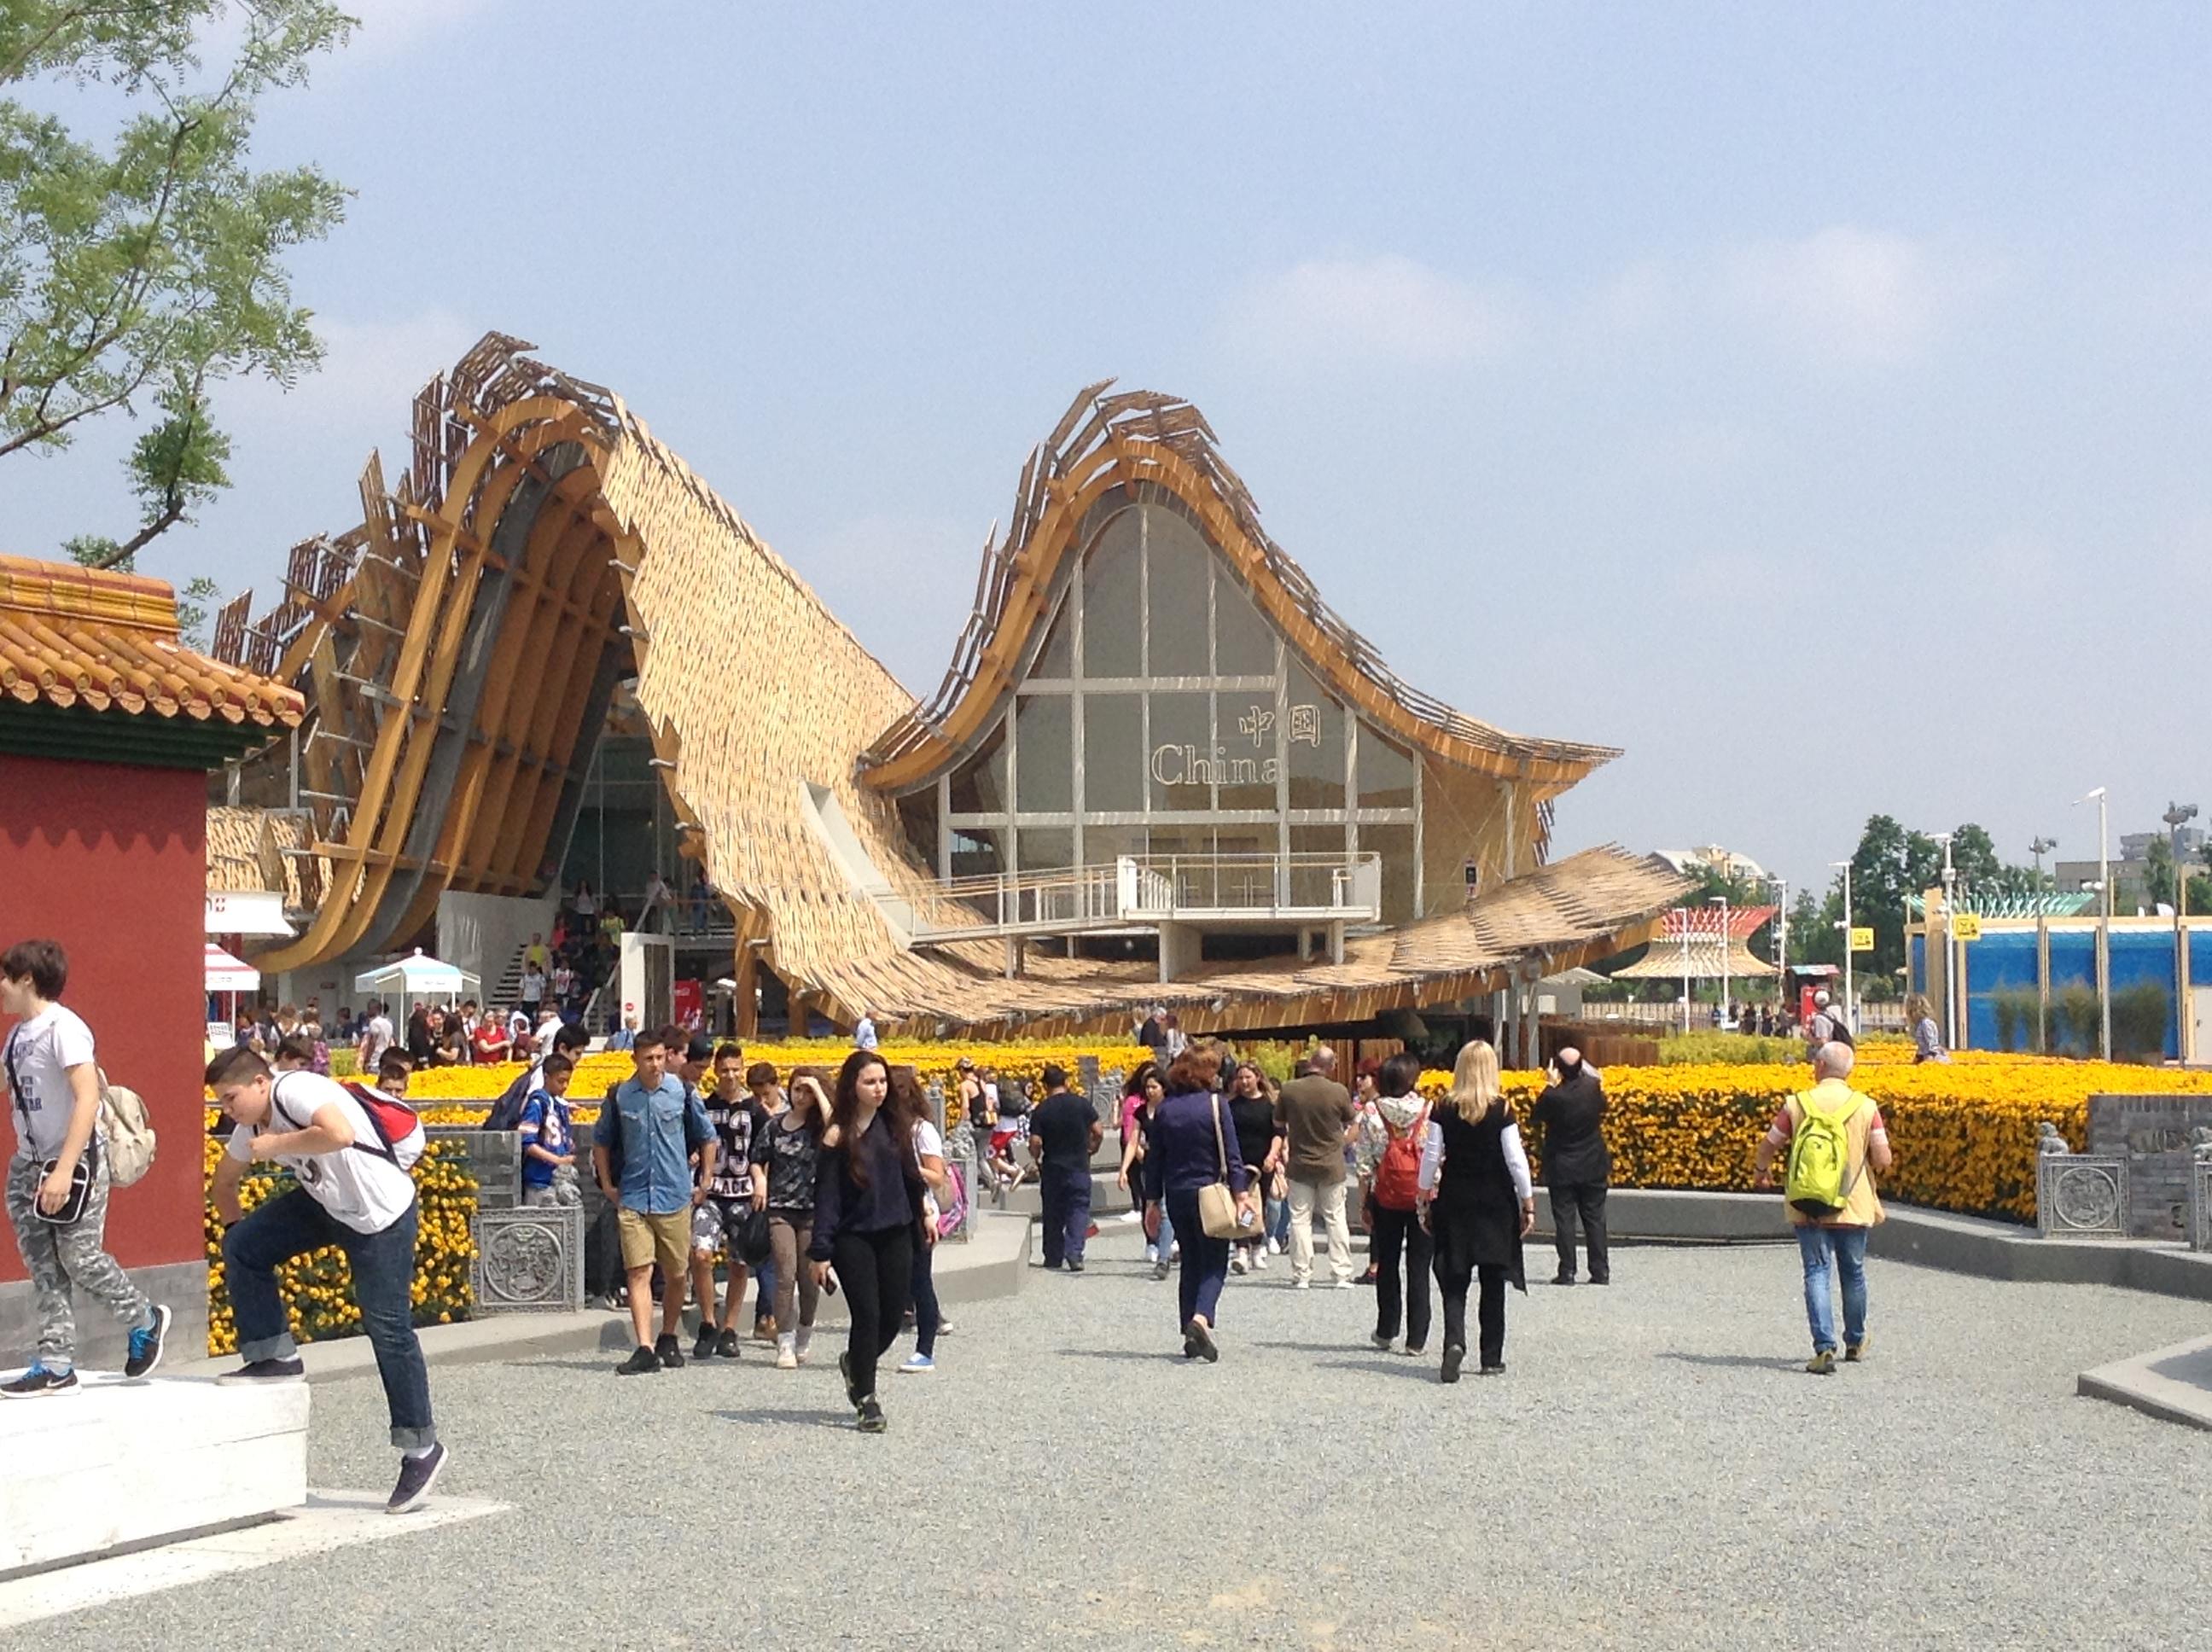 Chinese pavilion, Milano Expo 2015, MilanKaRaja